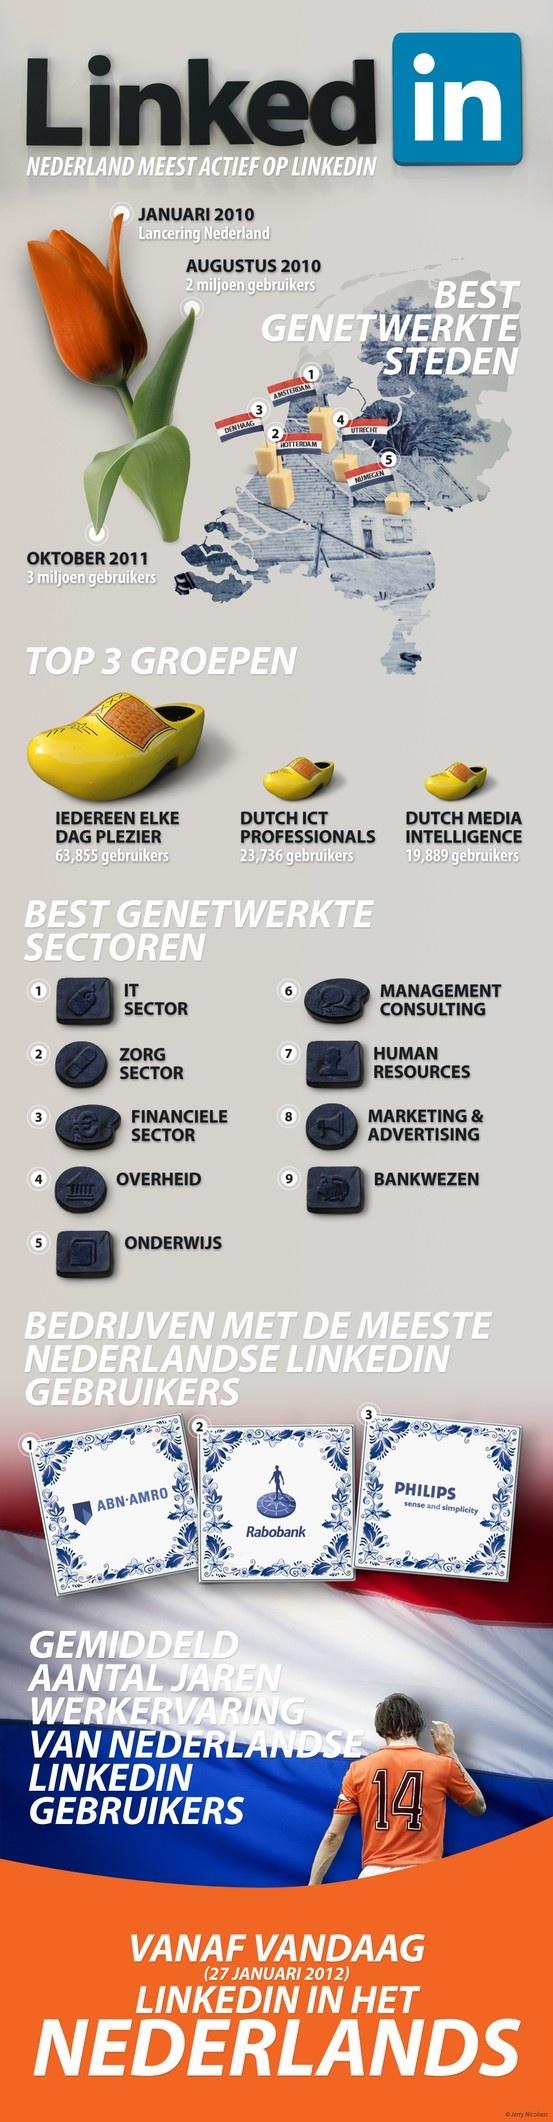 #linkedin in NL, infographicLinkedin Krijgt, Oranje Tintj, Social Media, Media Infographic, Most, Socialmedia, Linkedin Infographic, Dutch, Krijgt Oranje